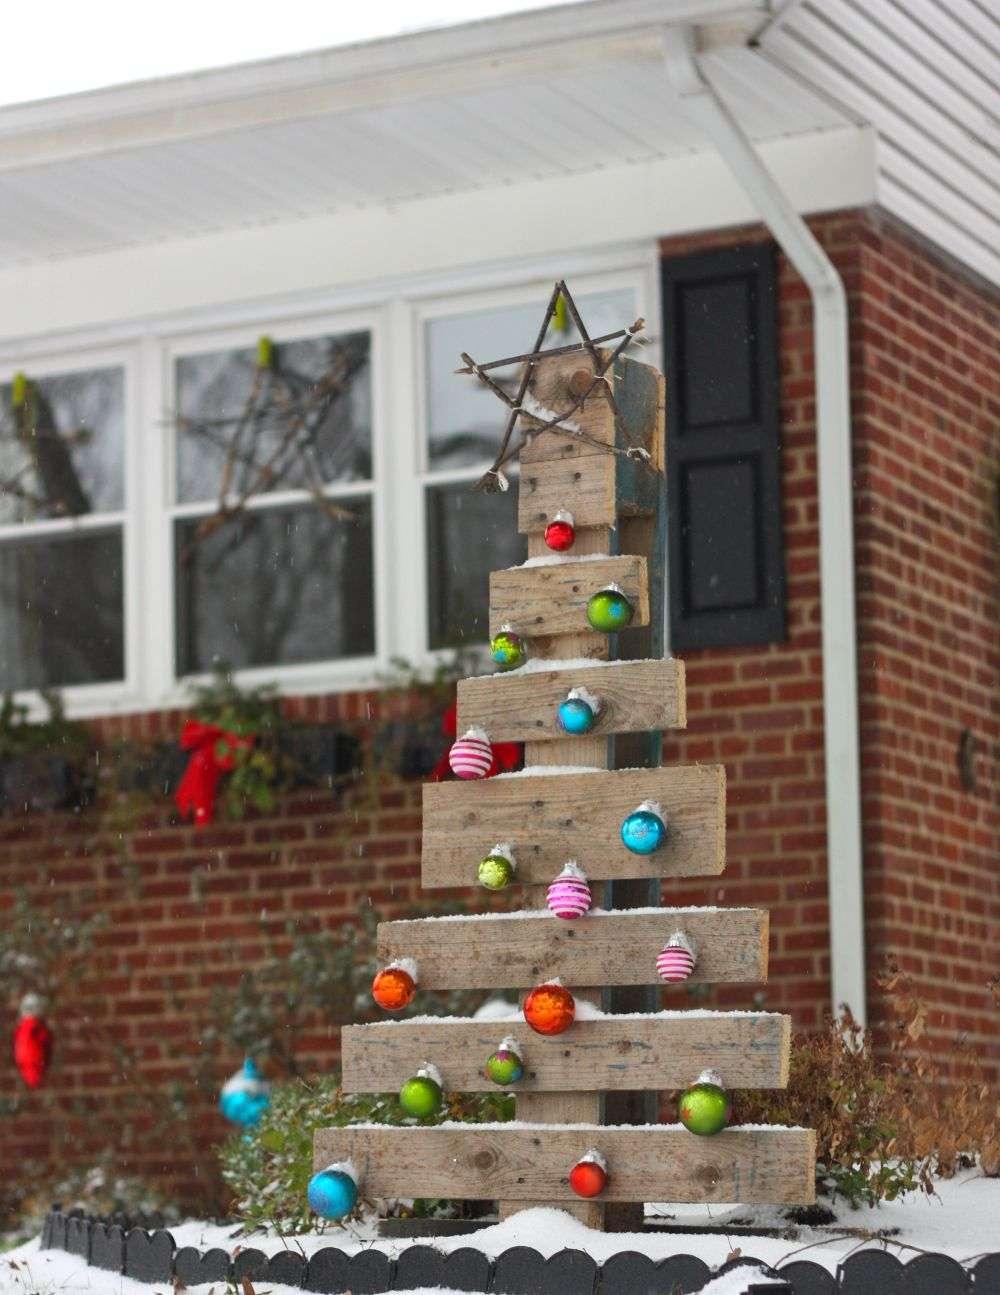 jardines navideños - árbol reciclado